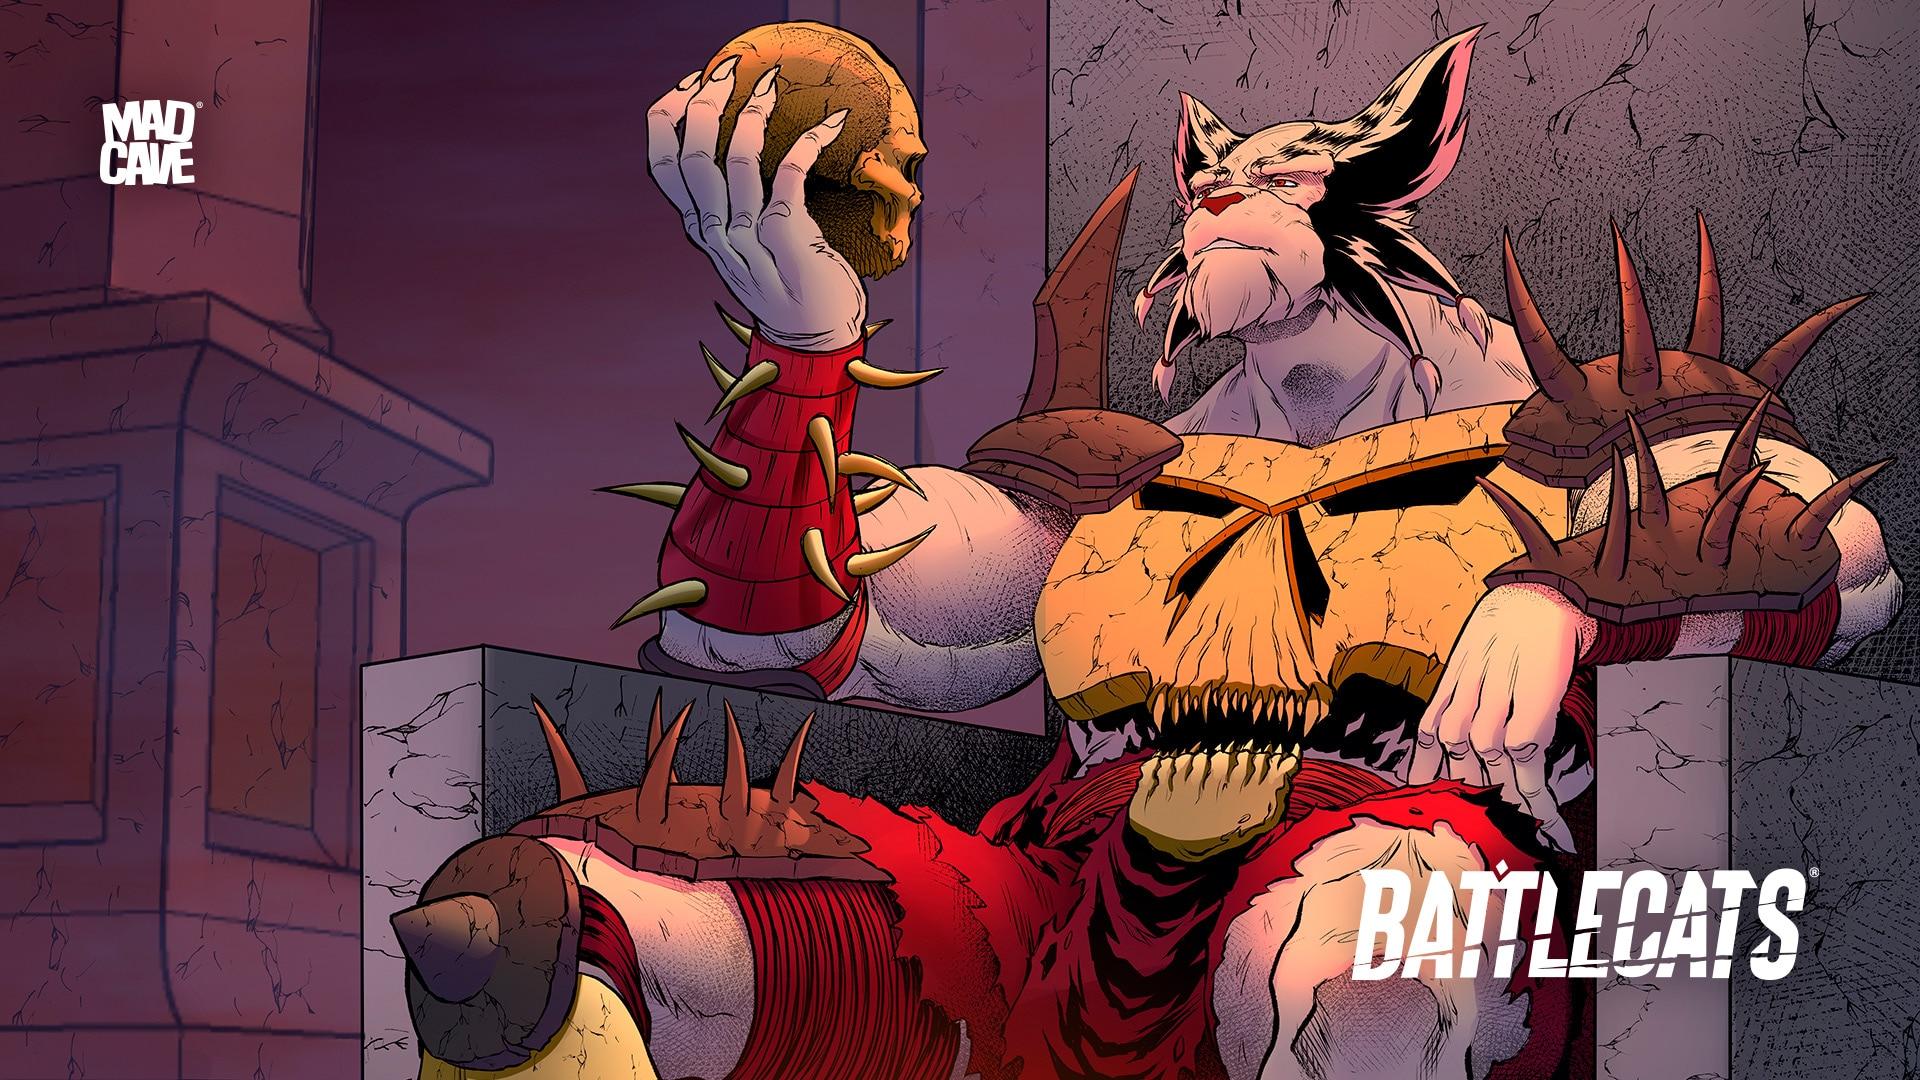 Battlecats - Wallpaper